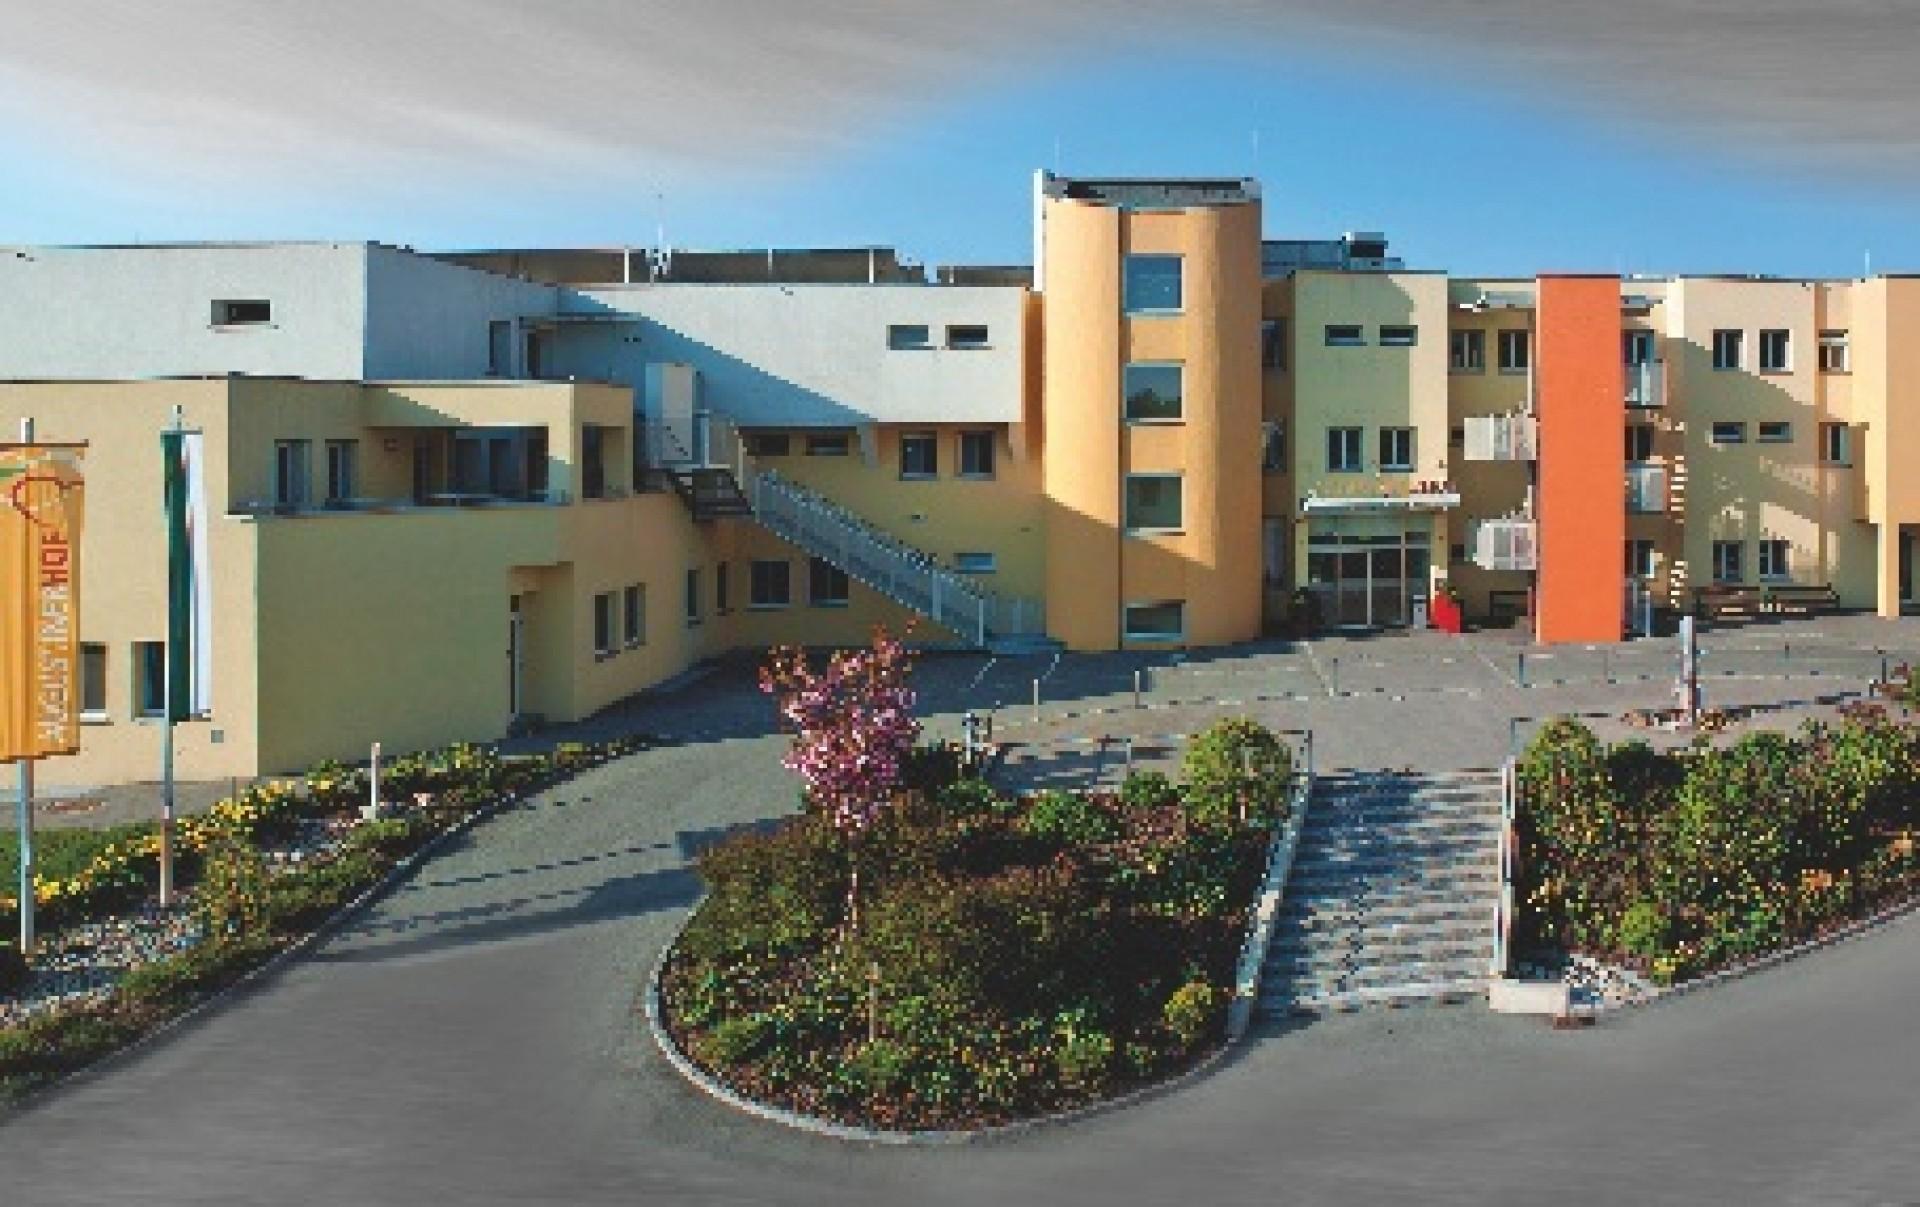 Wohn- und Pflegeheim Augustinerhof